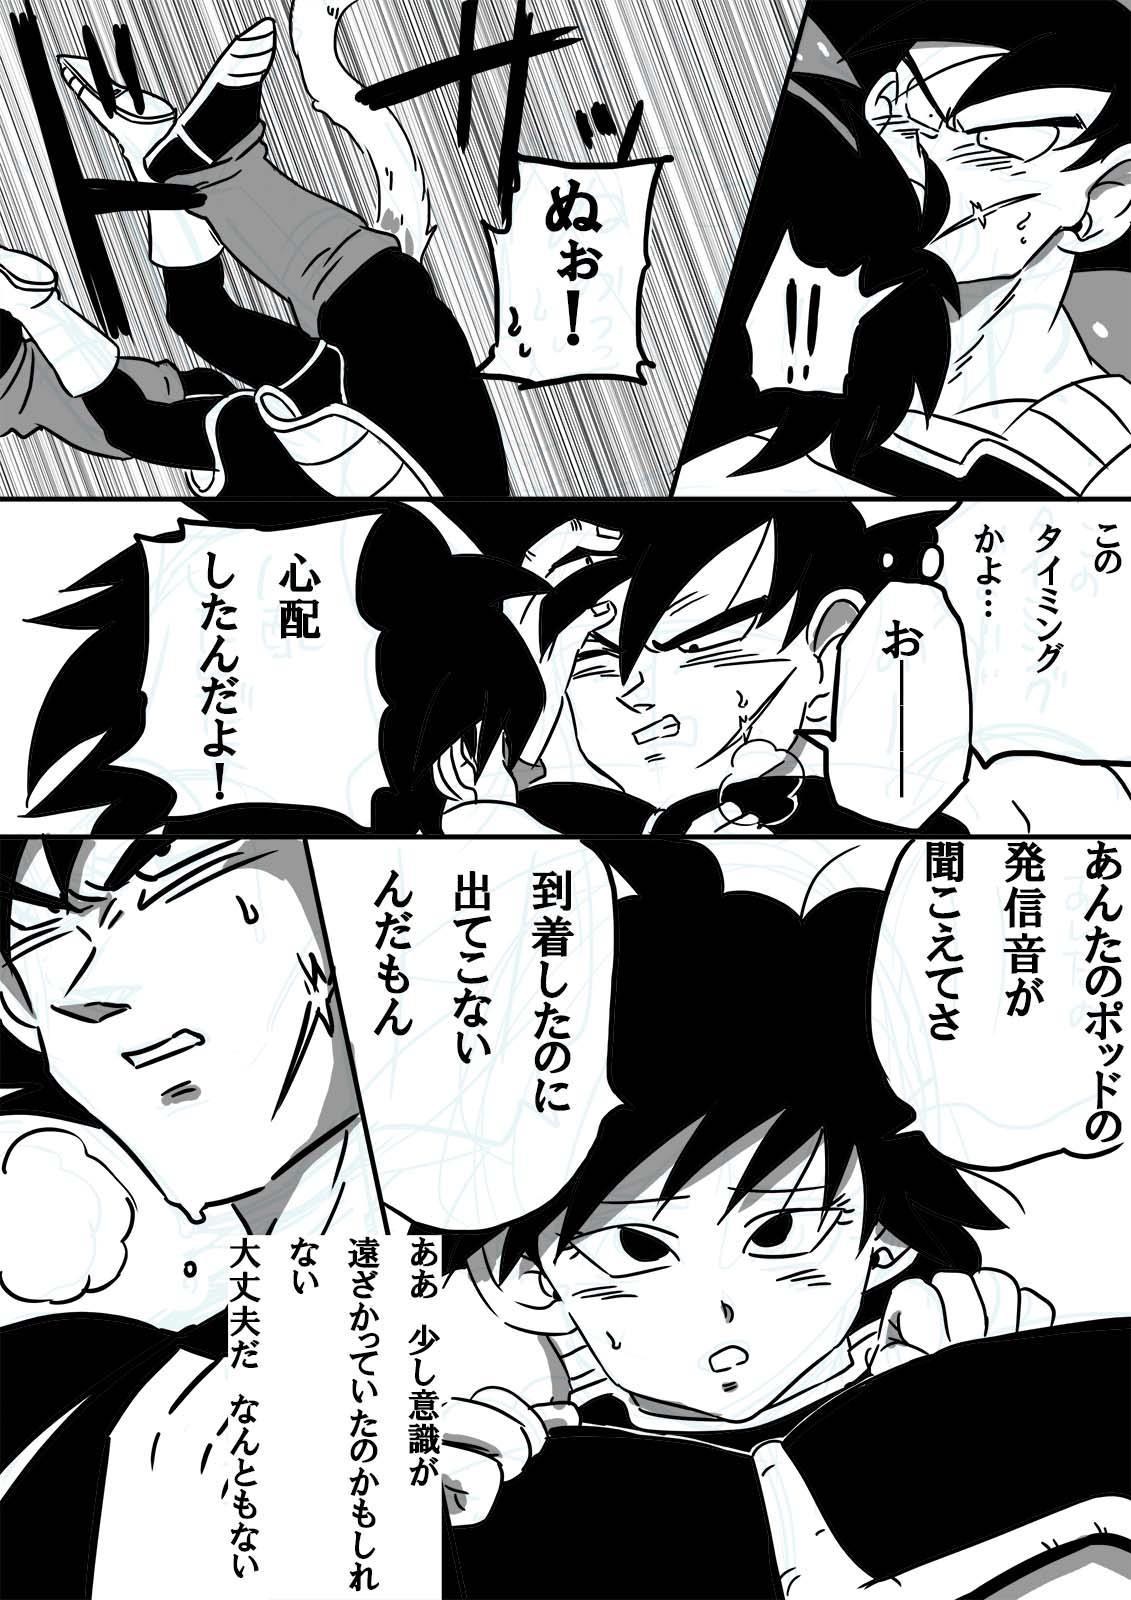 Miwaku no hana 5